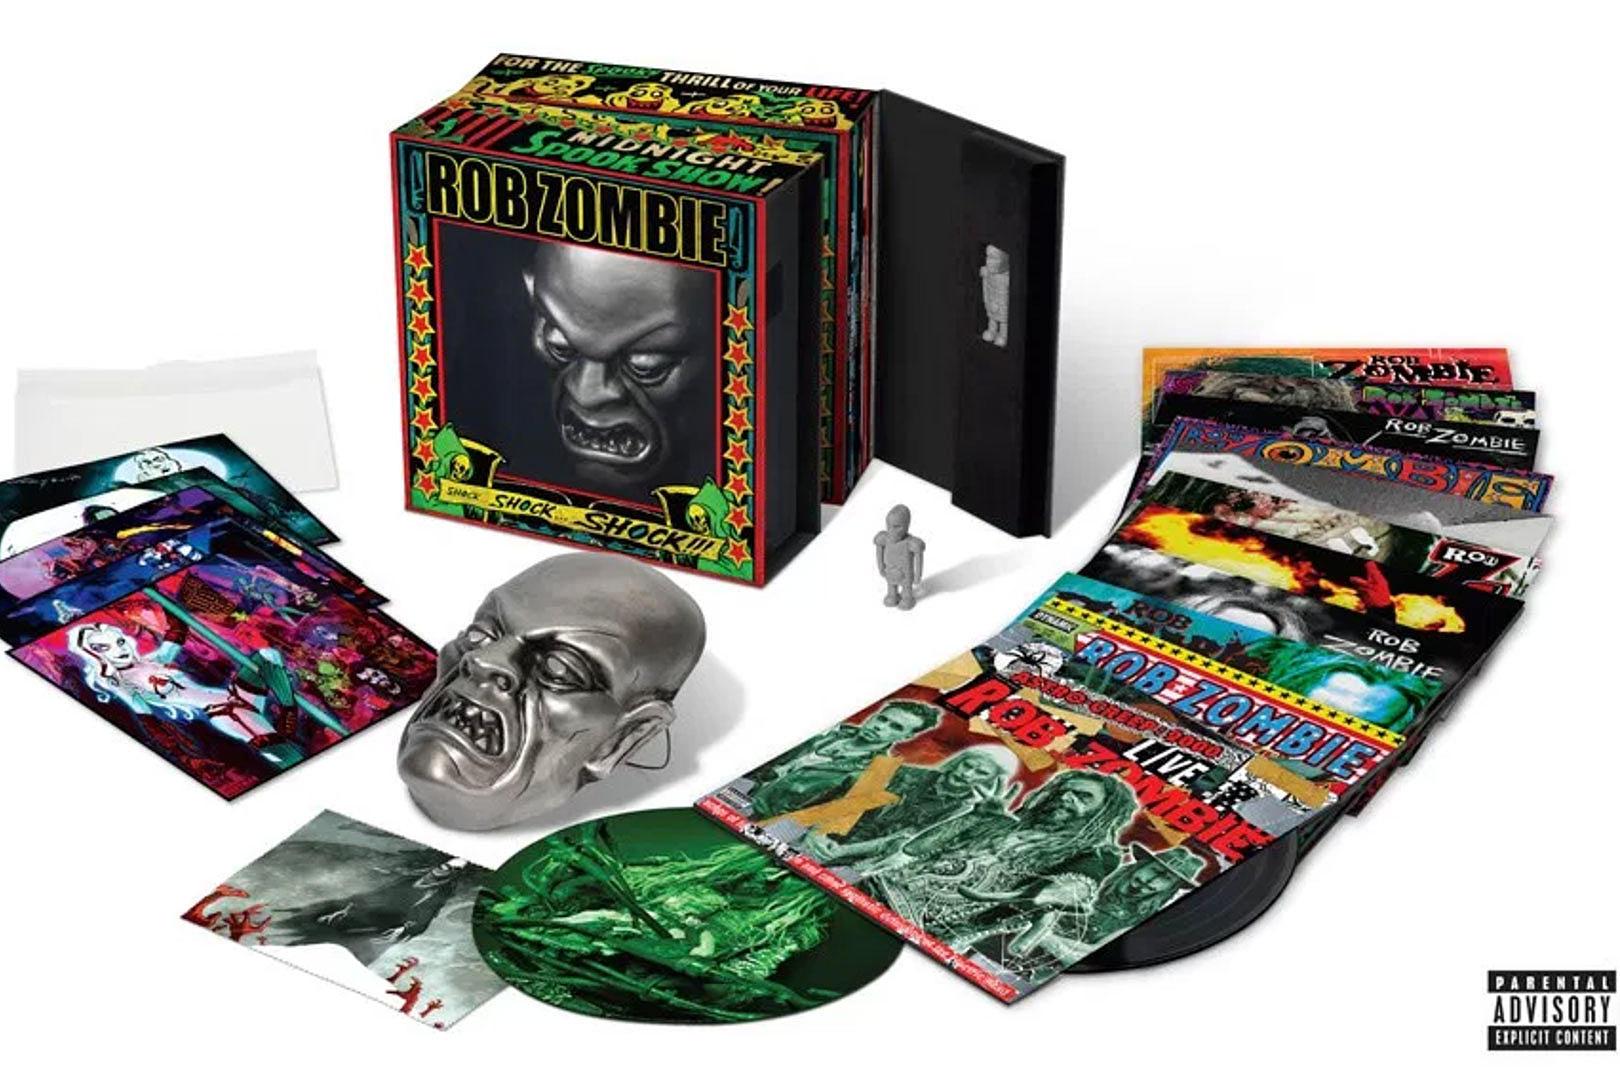 rob-zombie-box-set.jpg